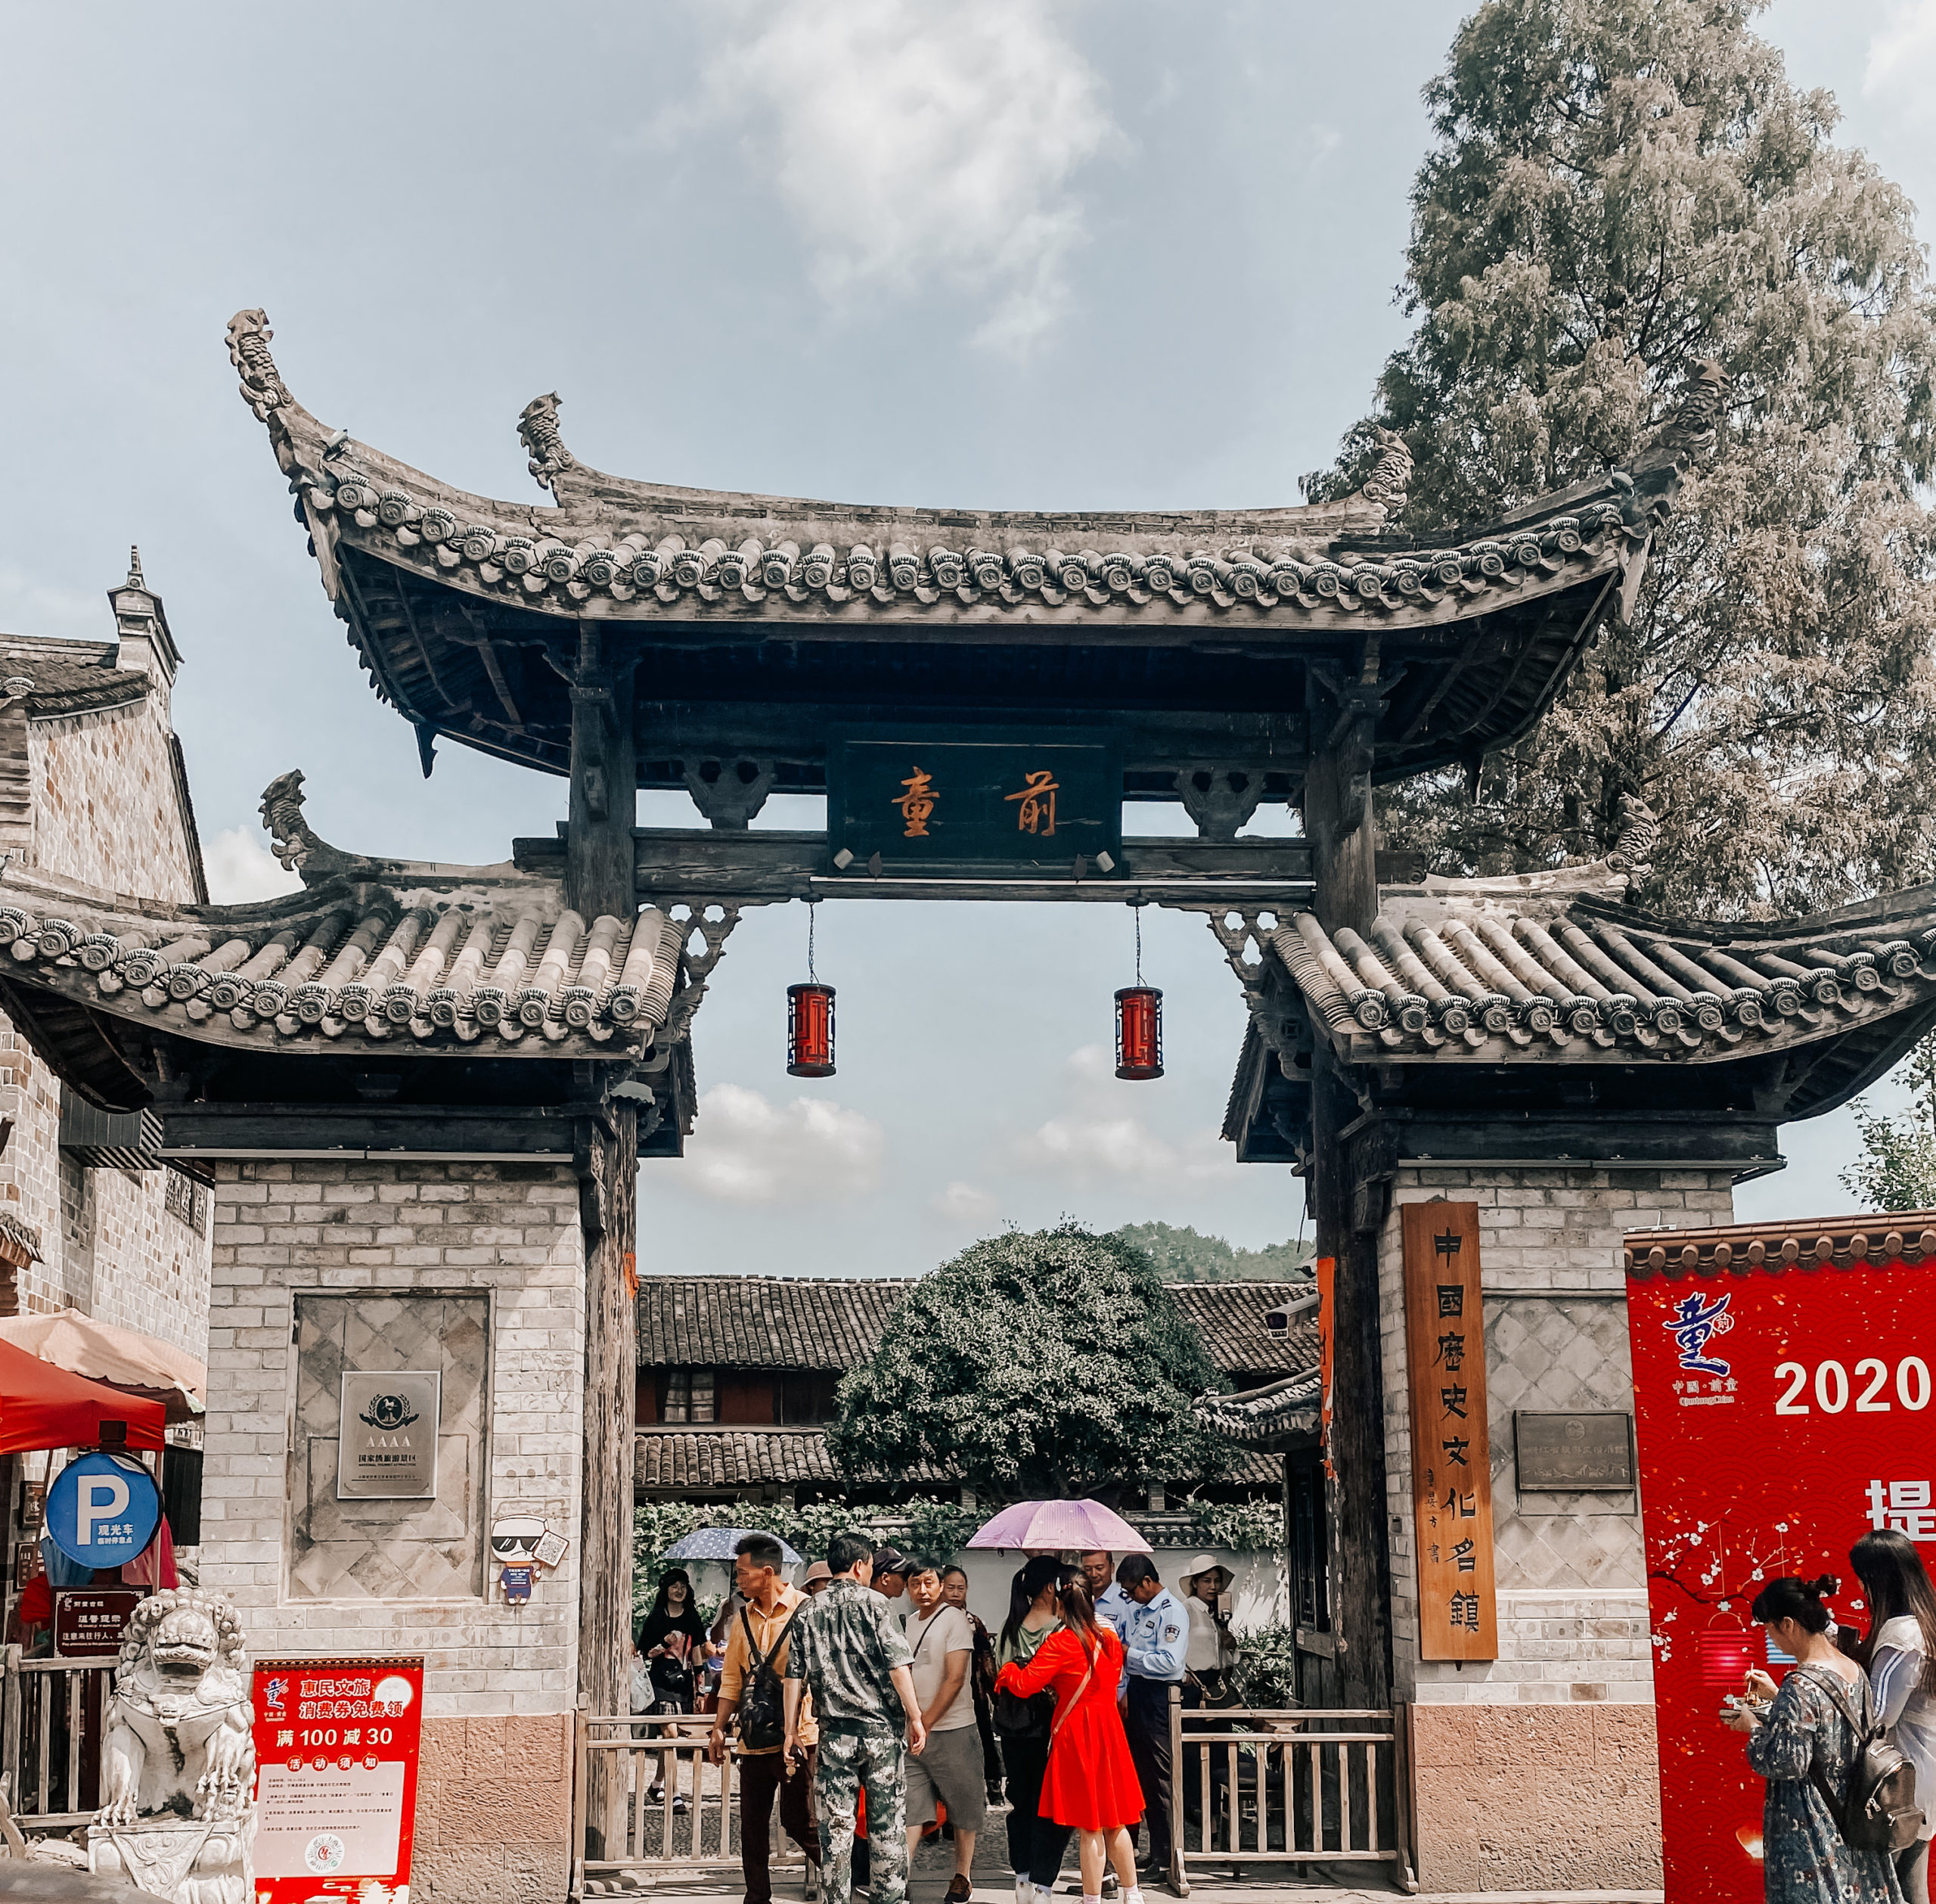 Qiantong Ancient Town – Ningbo's Hidden Village